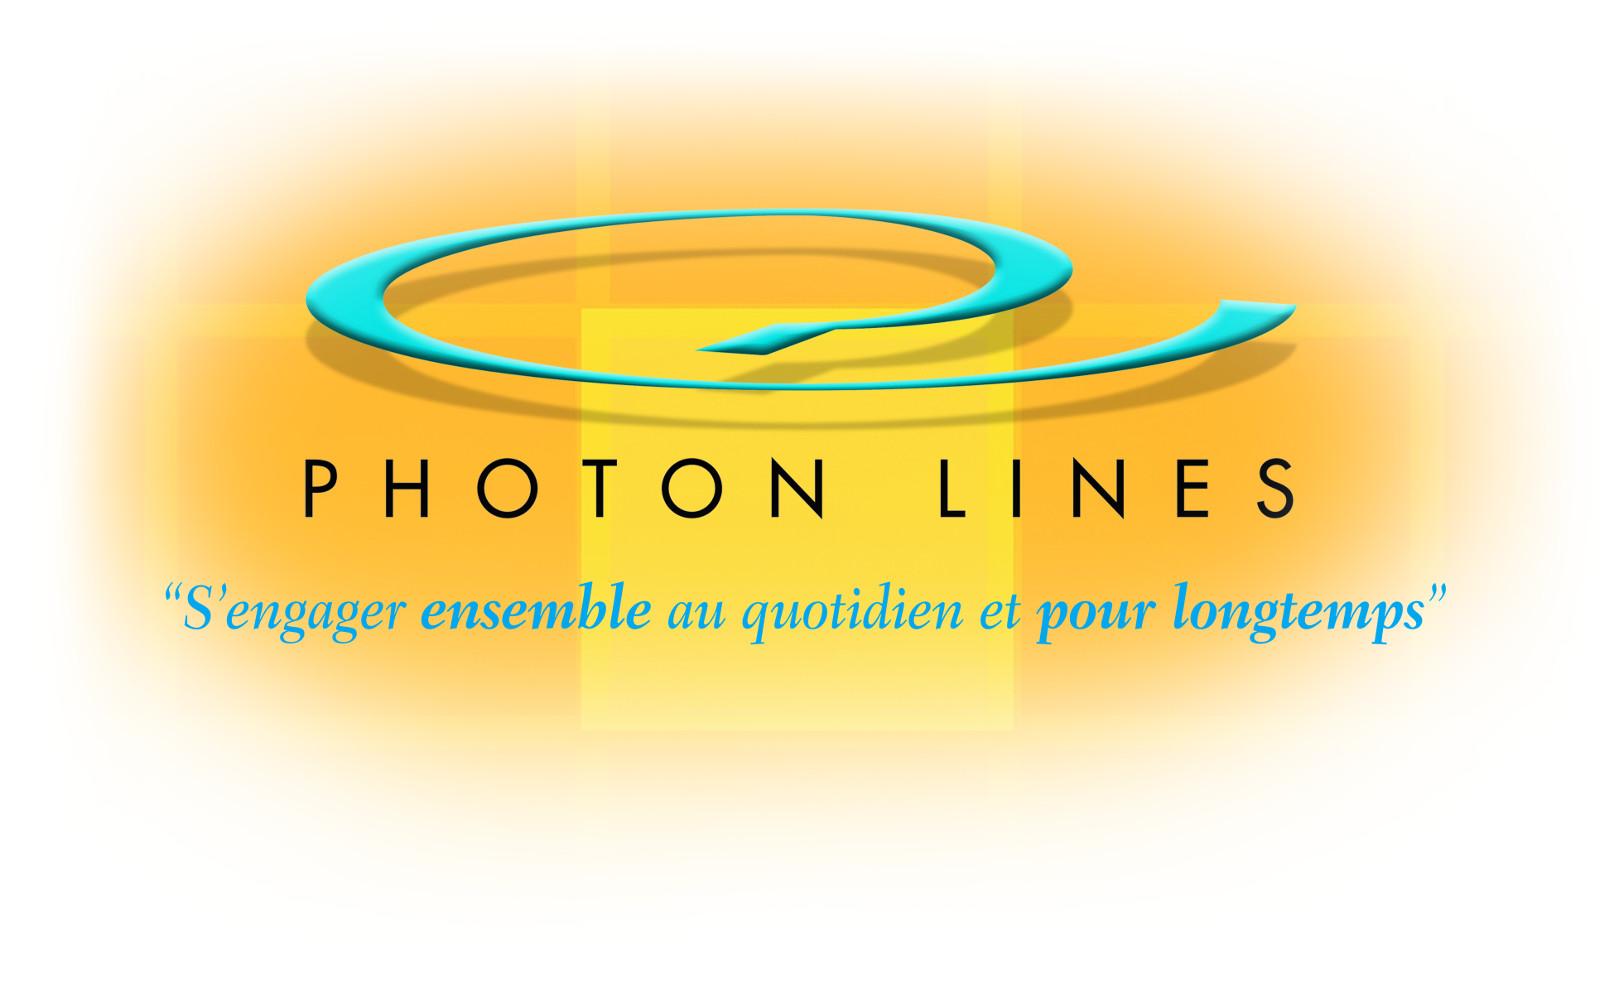 Logo photon lines sas site